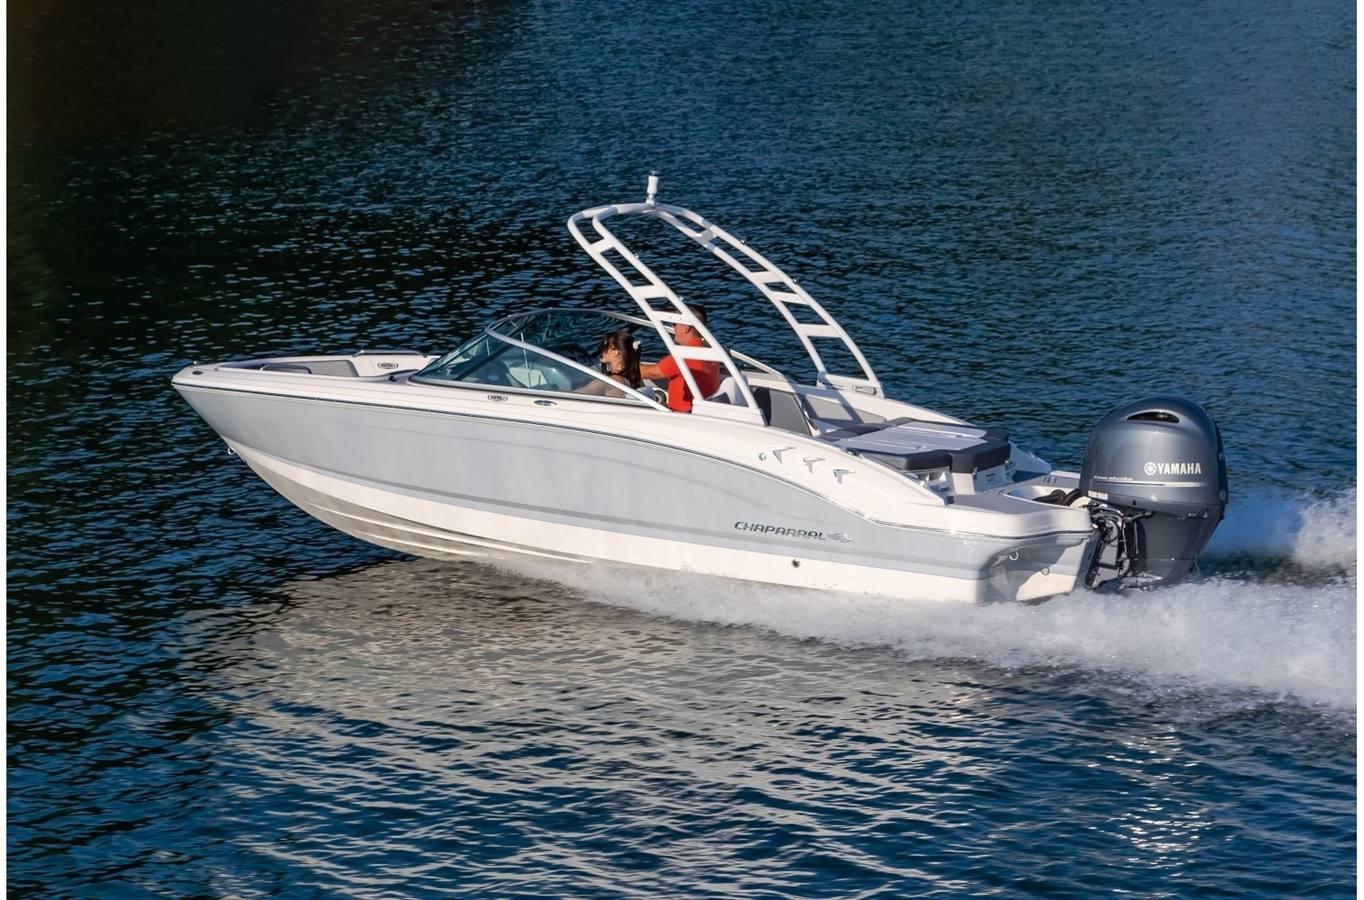 2020 Chaparral 21 SSi OB for sale in Richmond, VA  Nautical